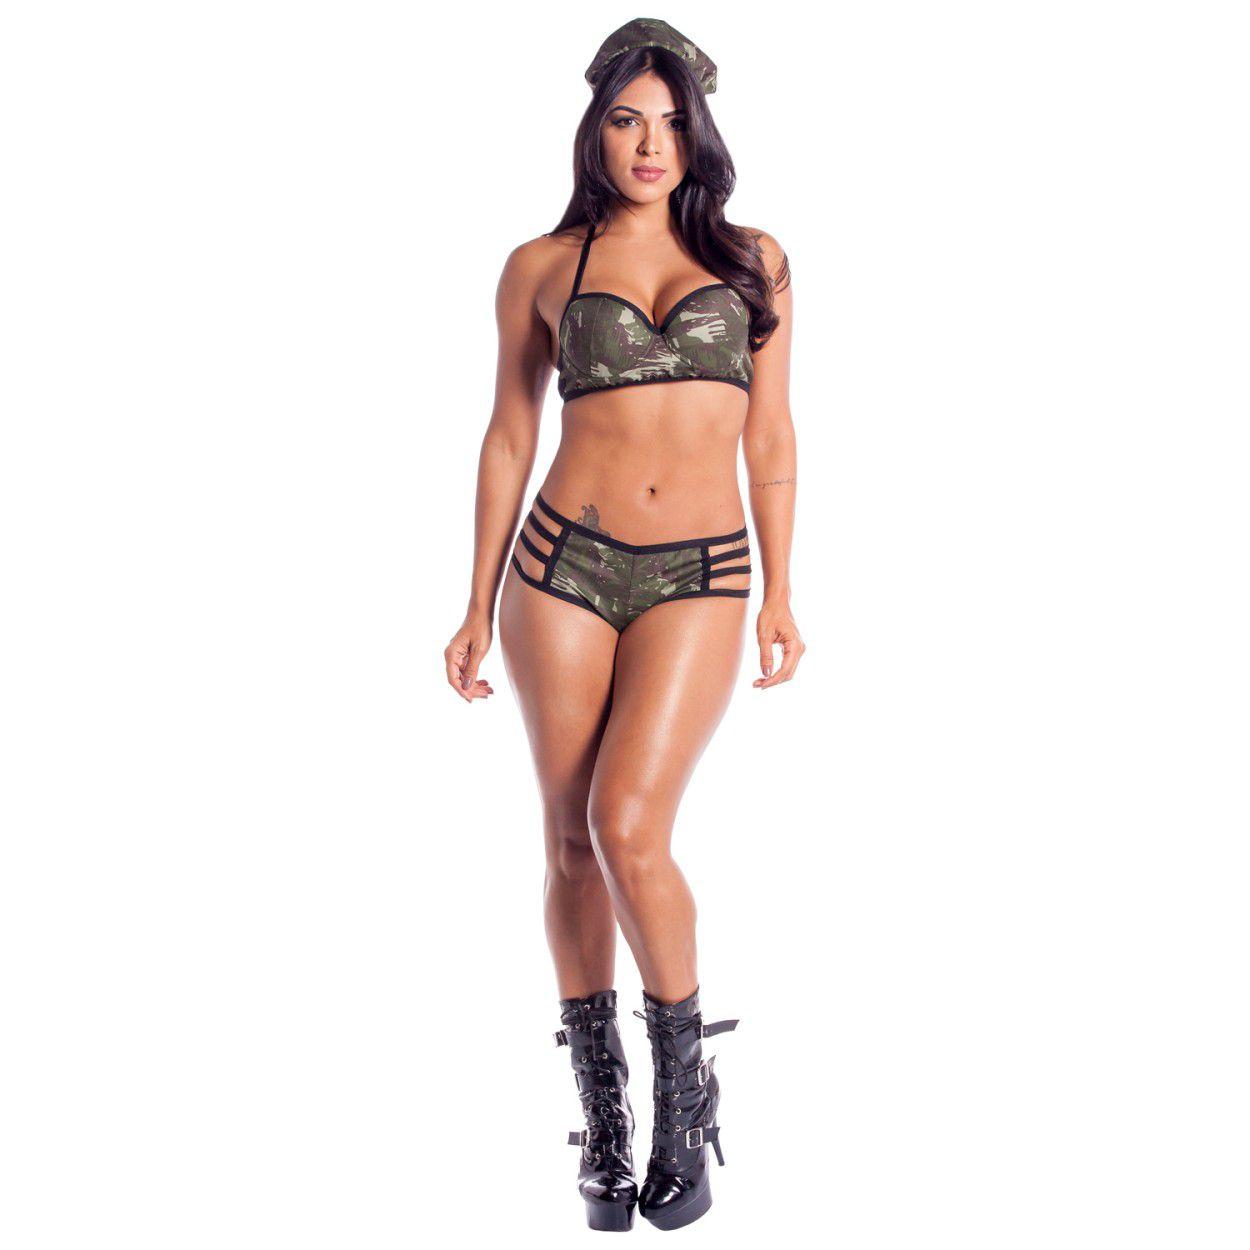 Fantasia Militar Eliane (Tam. Único - Veste Manequins 38 ao 42)